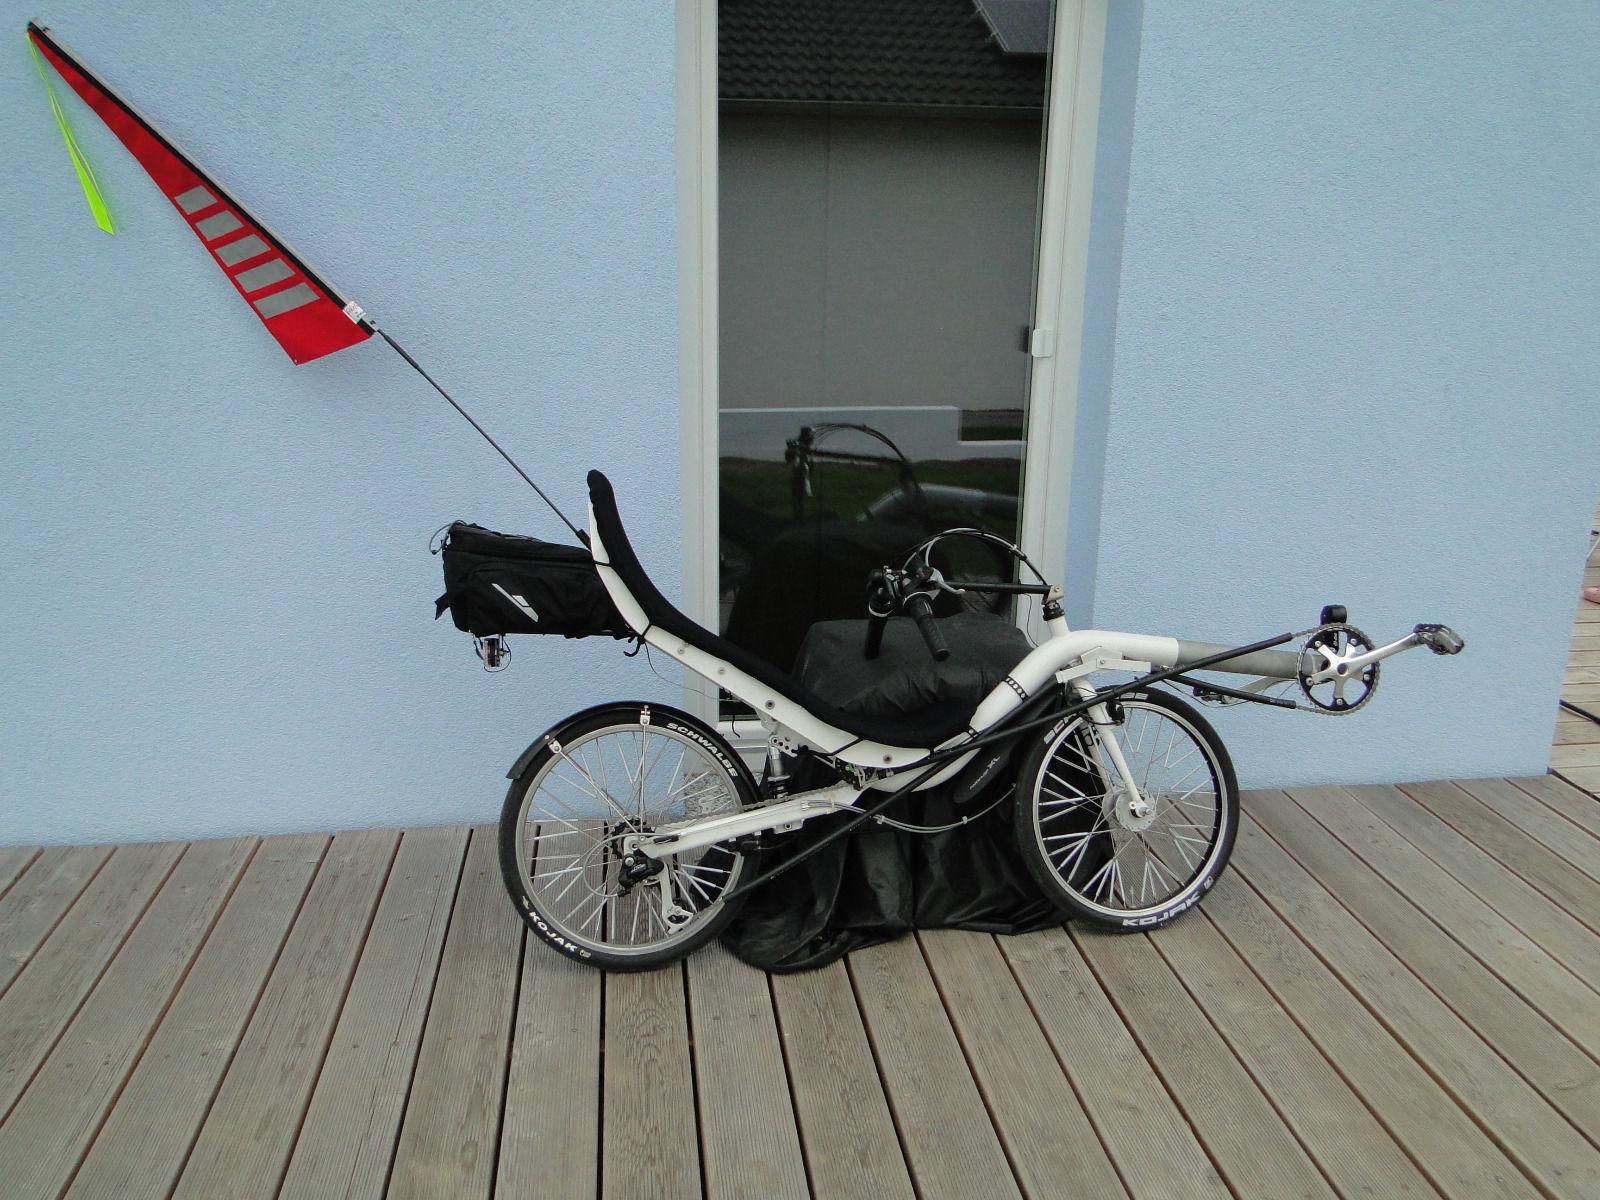 fahrrad gestohlen melden